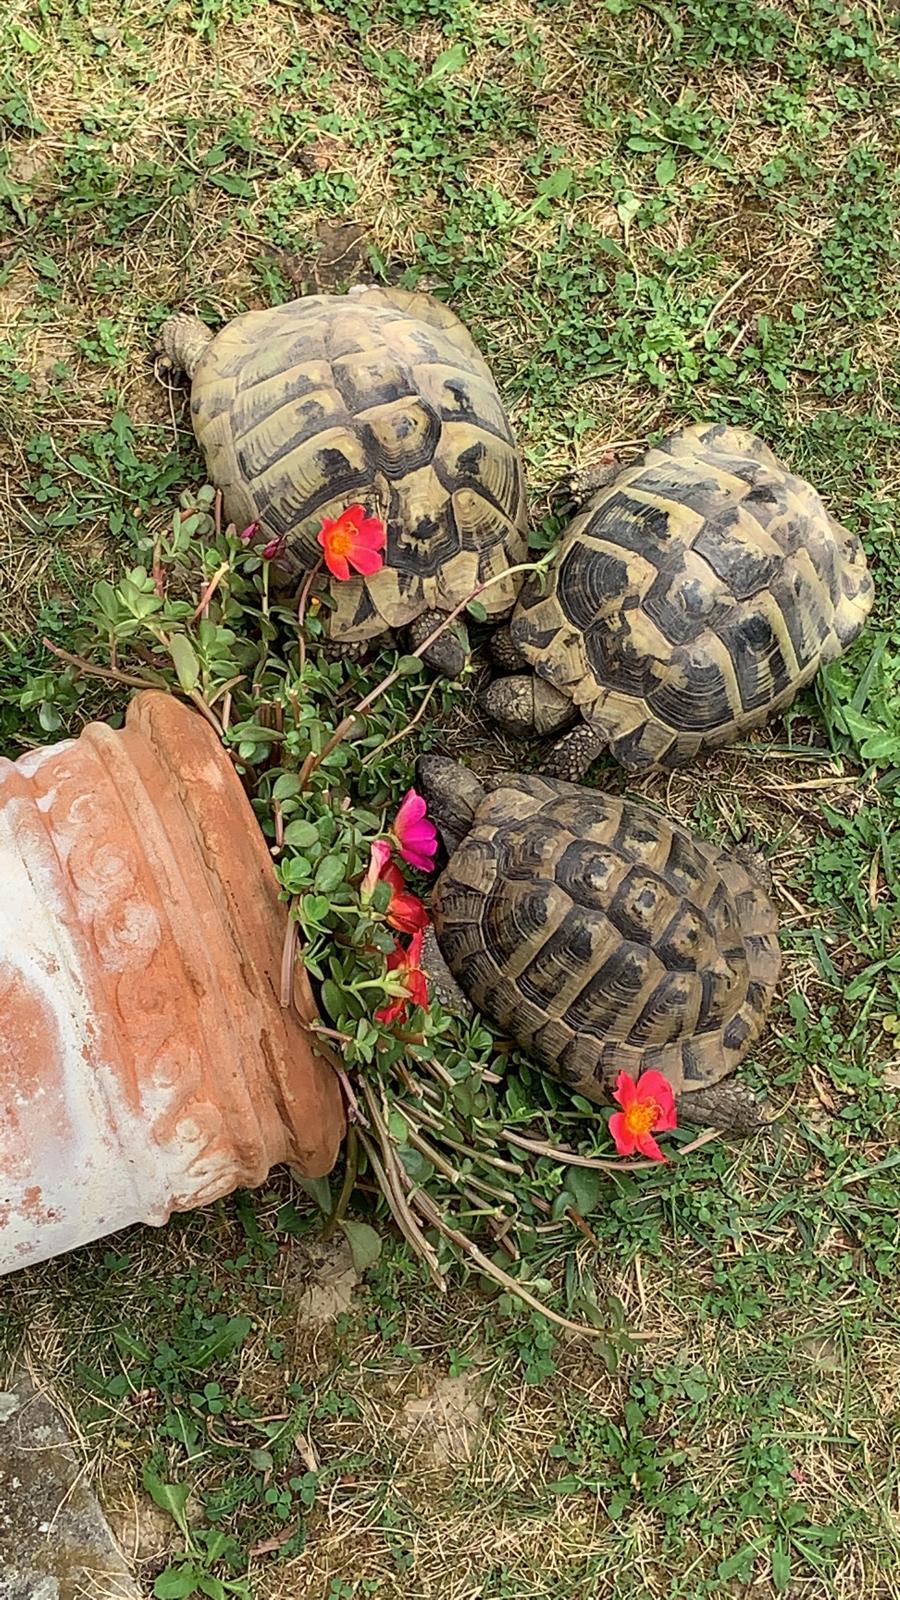 Landschildkröten in ihrem Freigehege